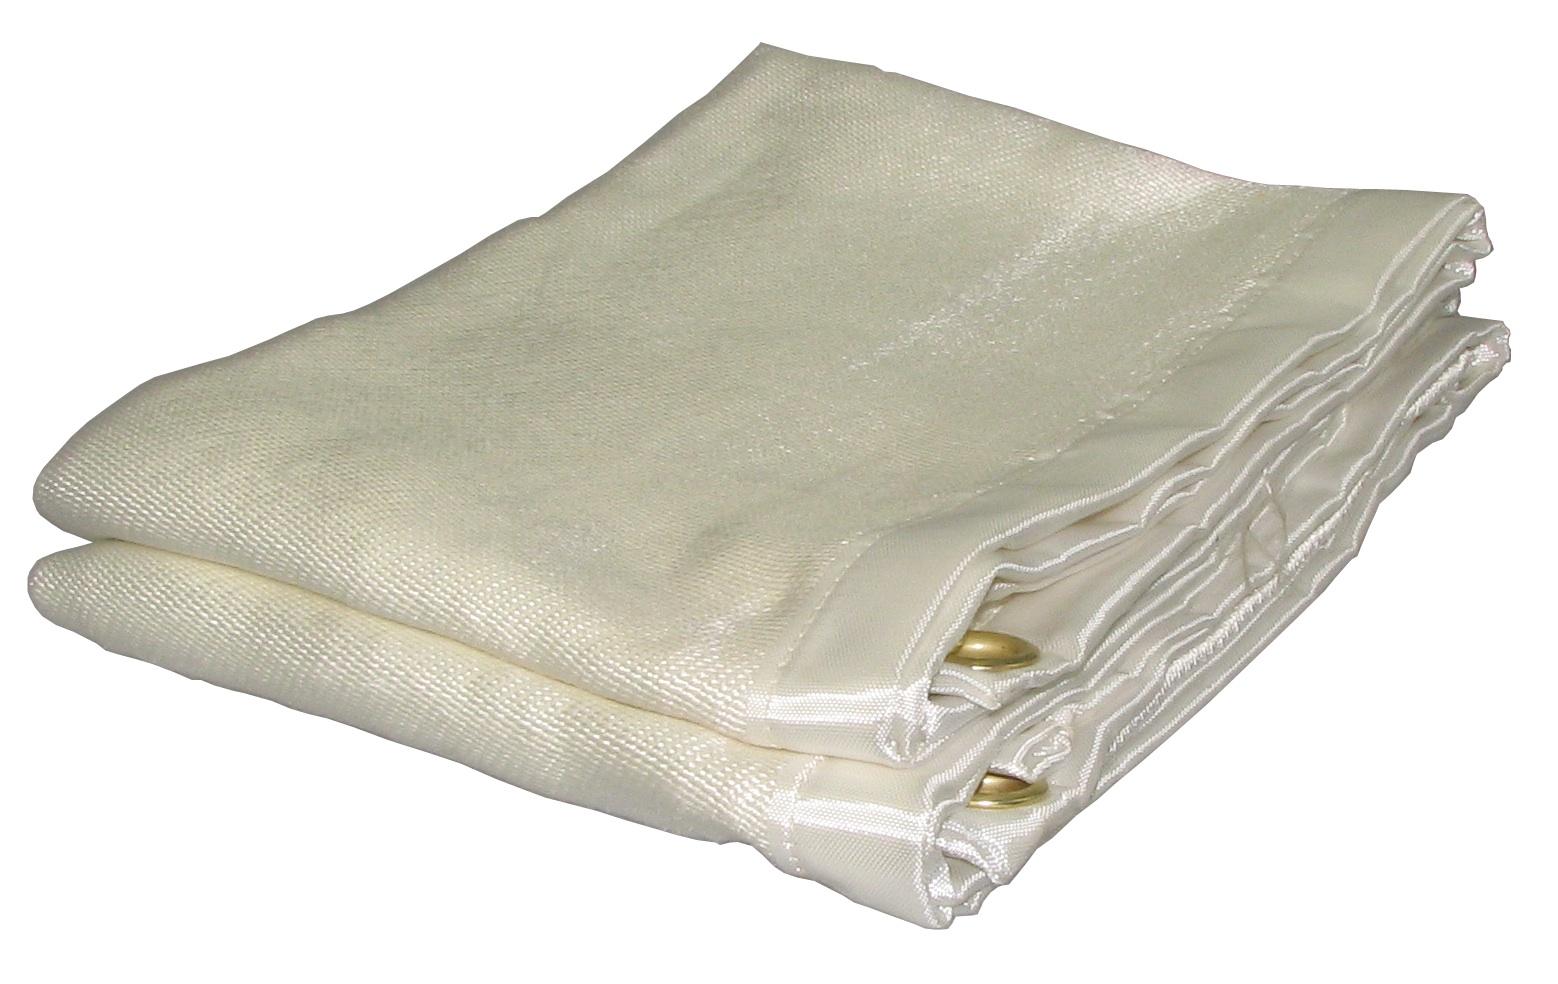 Esab Welding Blanket 550 176 Gasweld